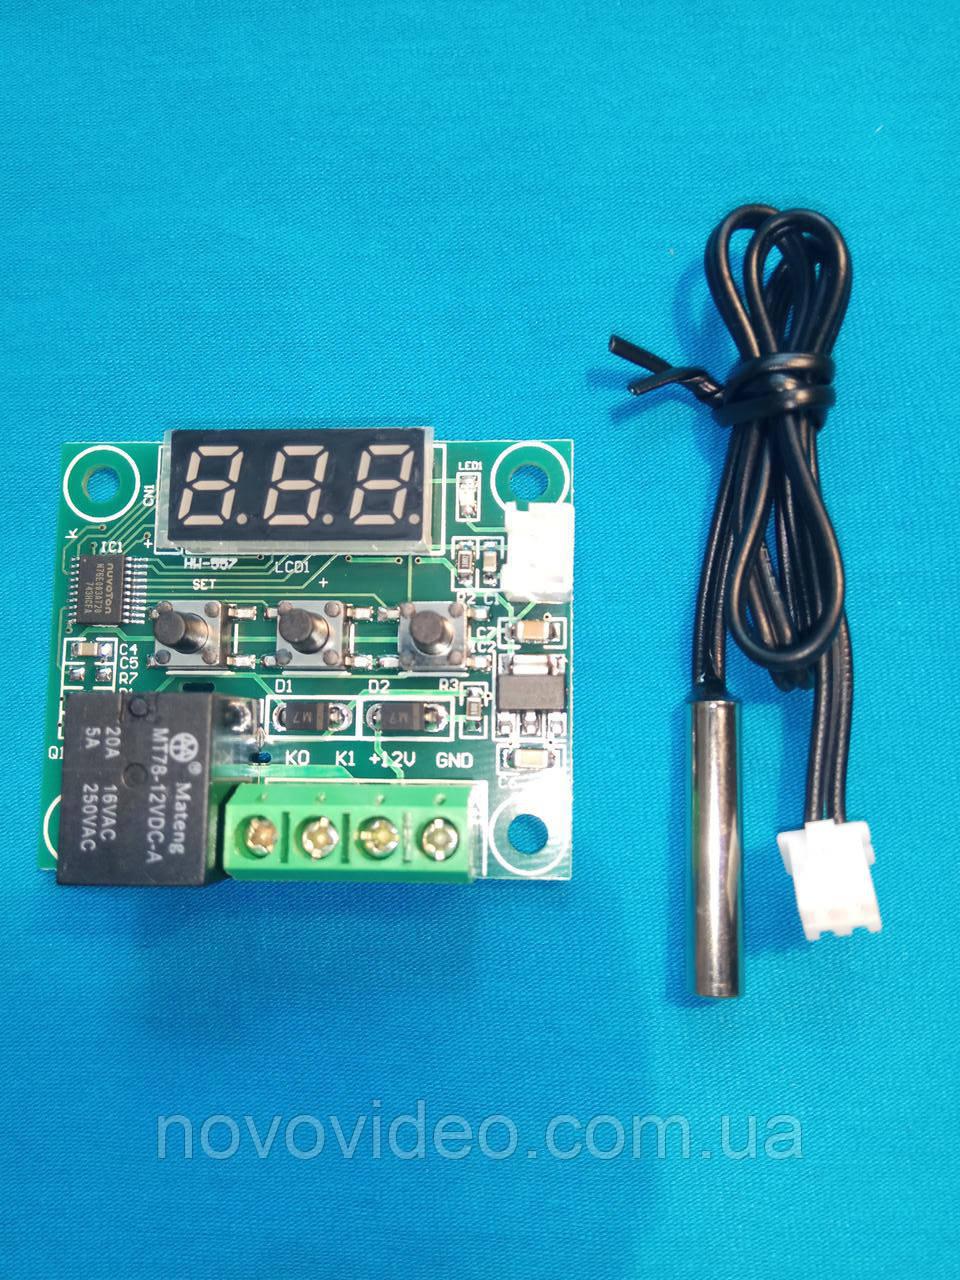 Цифровой терморегулятор W1209 с питанием 12 В на 1000 Вт встраиваемый